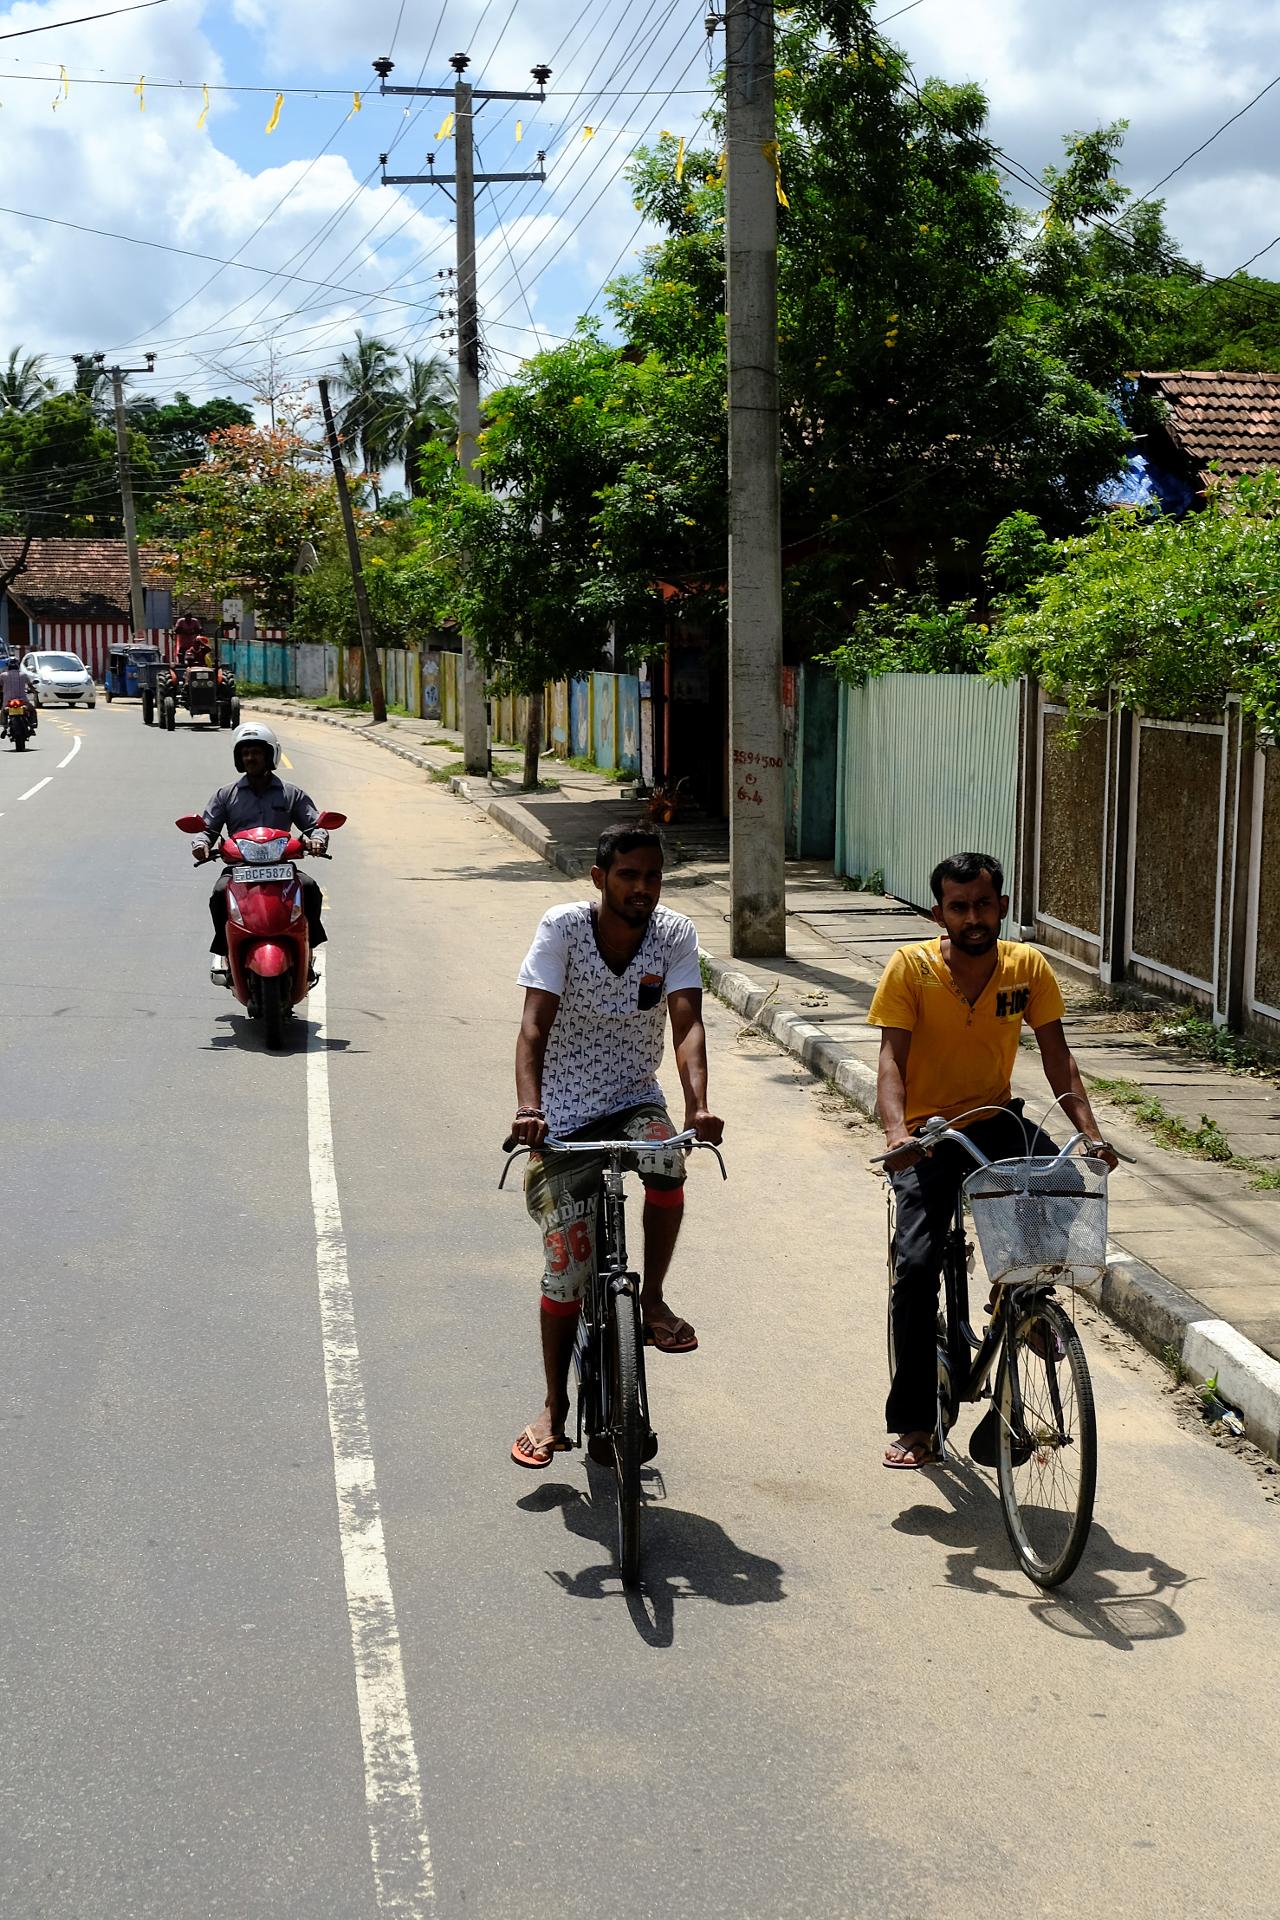 Cykel är ett populärt transportmedel i många småstäder och ger tillfälle för samtal. Foto: Johan Mikaelsson